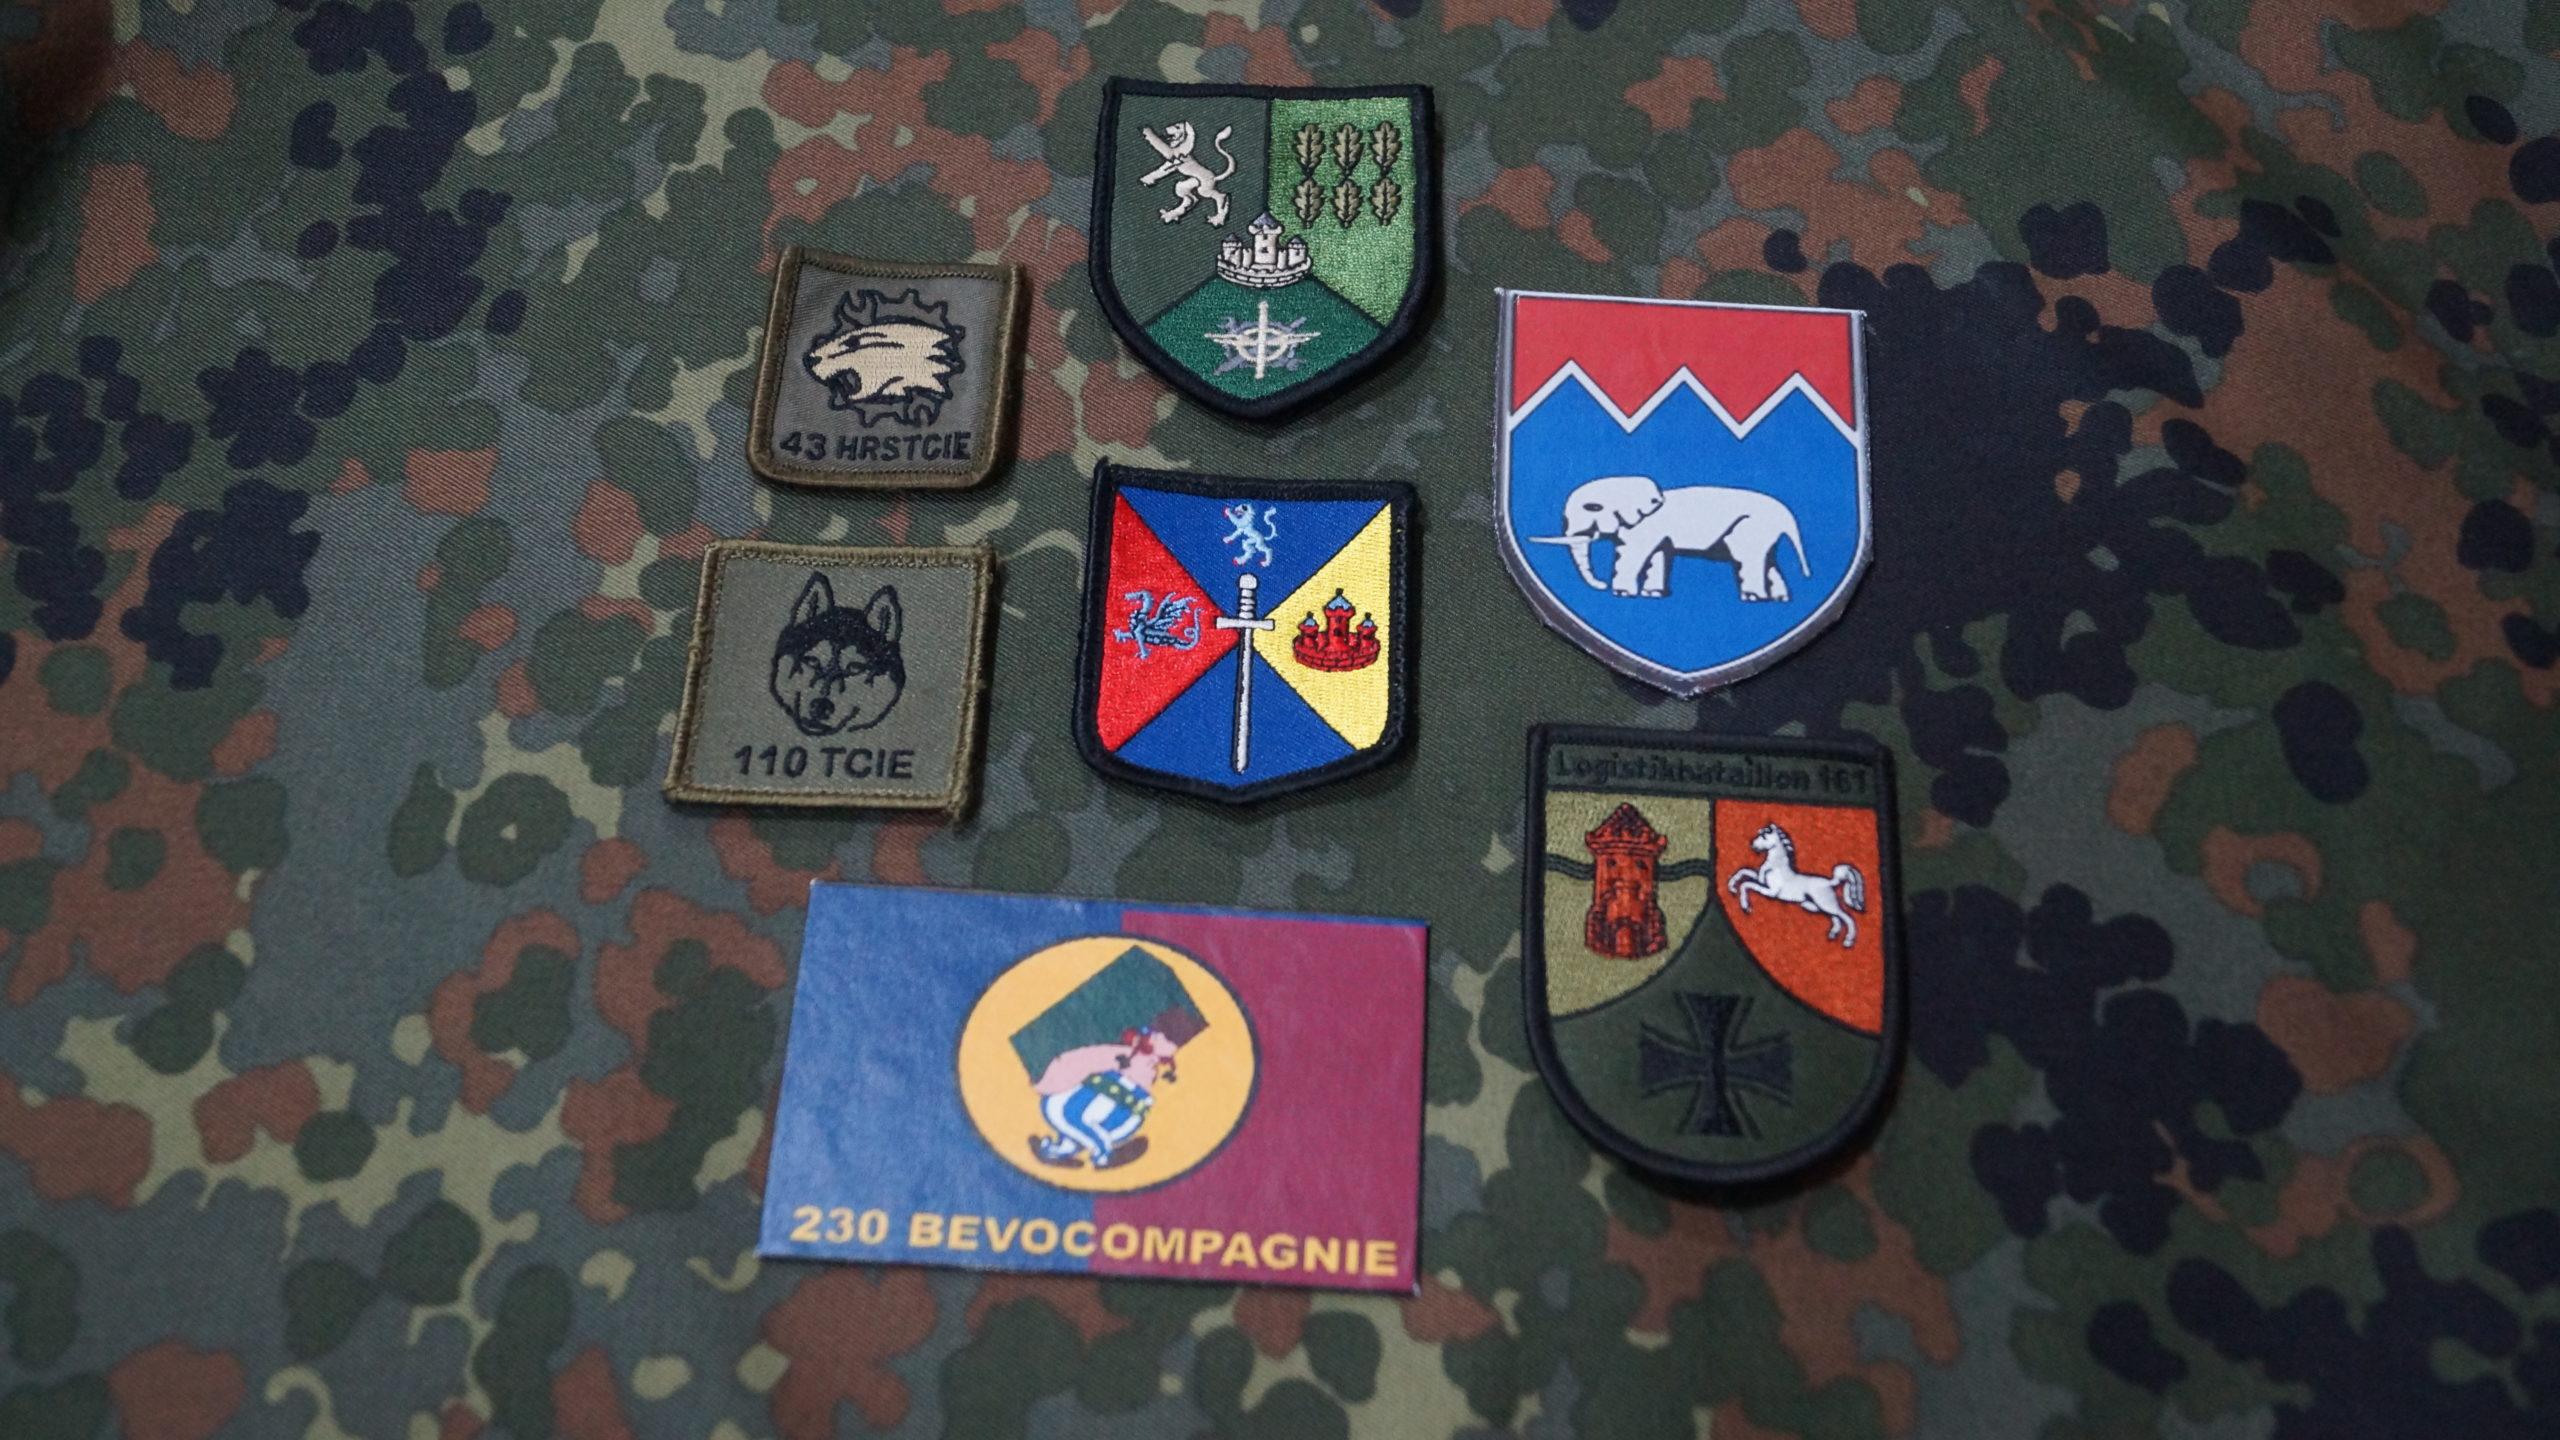 Verbandsabzeichen auf Flecktarnuntergrund - Blauer Bund